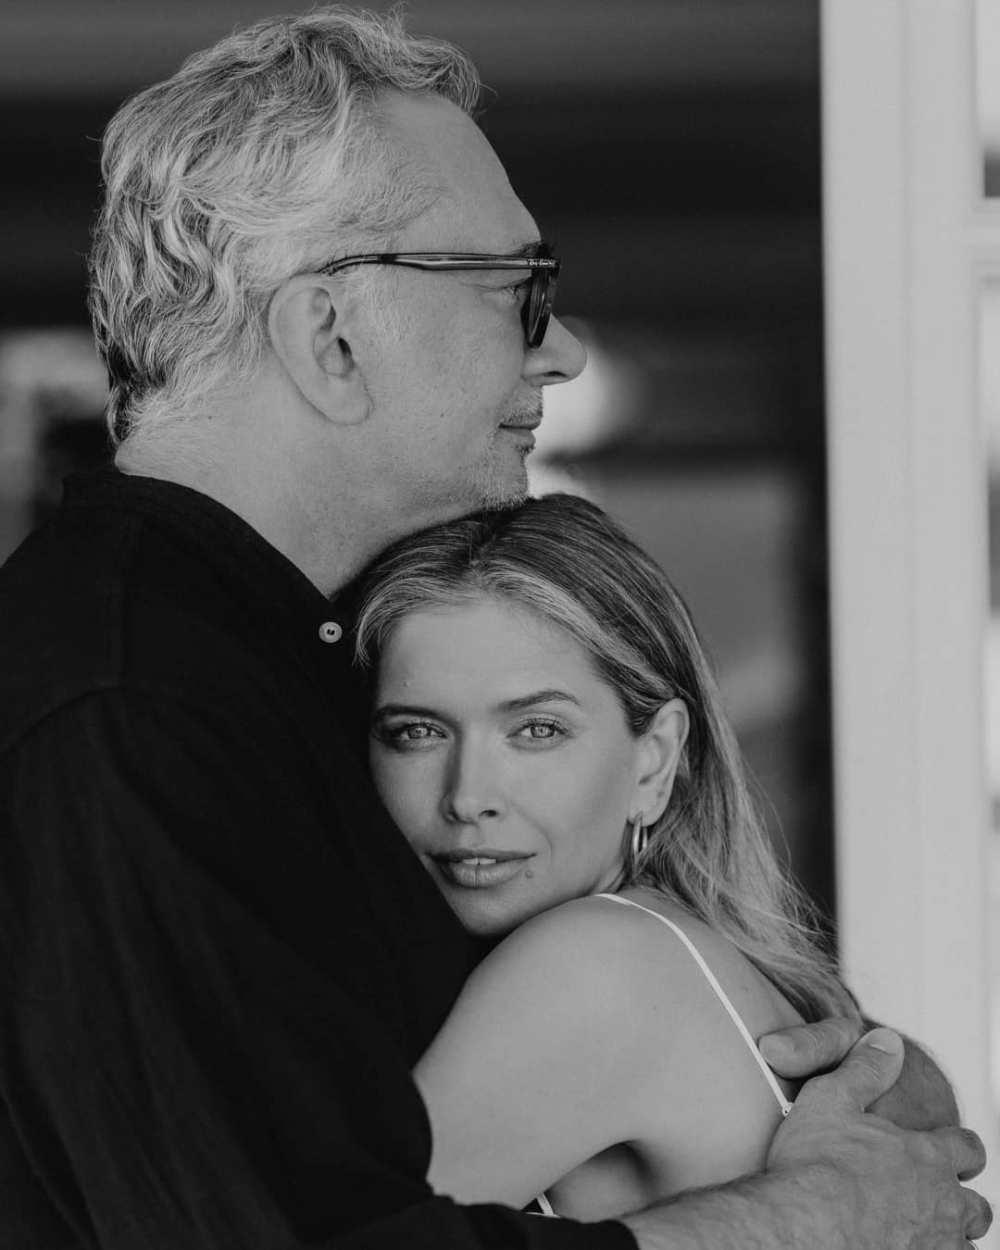 Как папа с дочкой: Меладзе показал личное фото с Брежневой